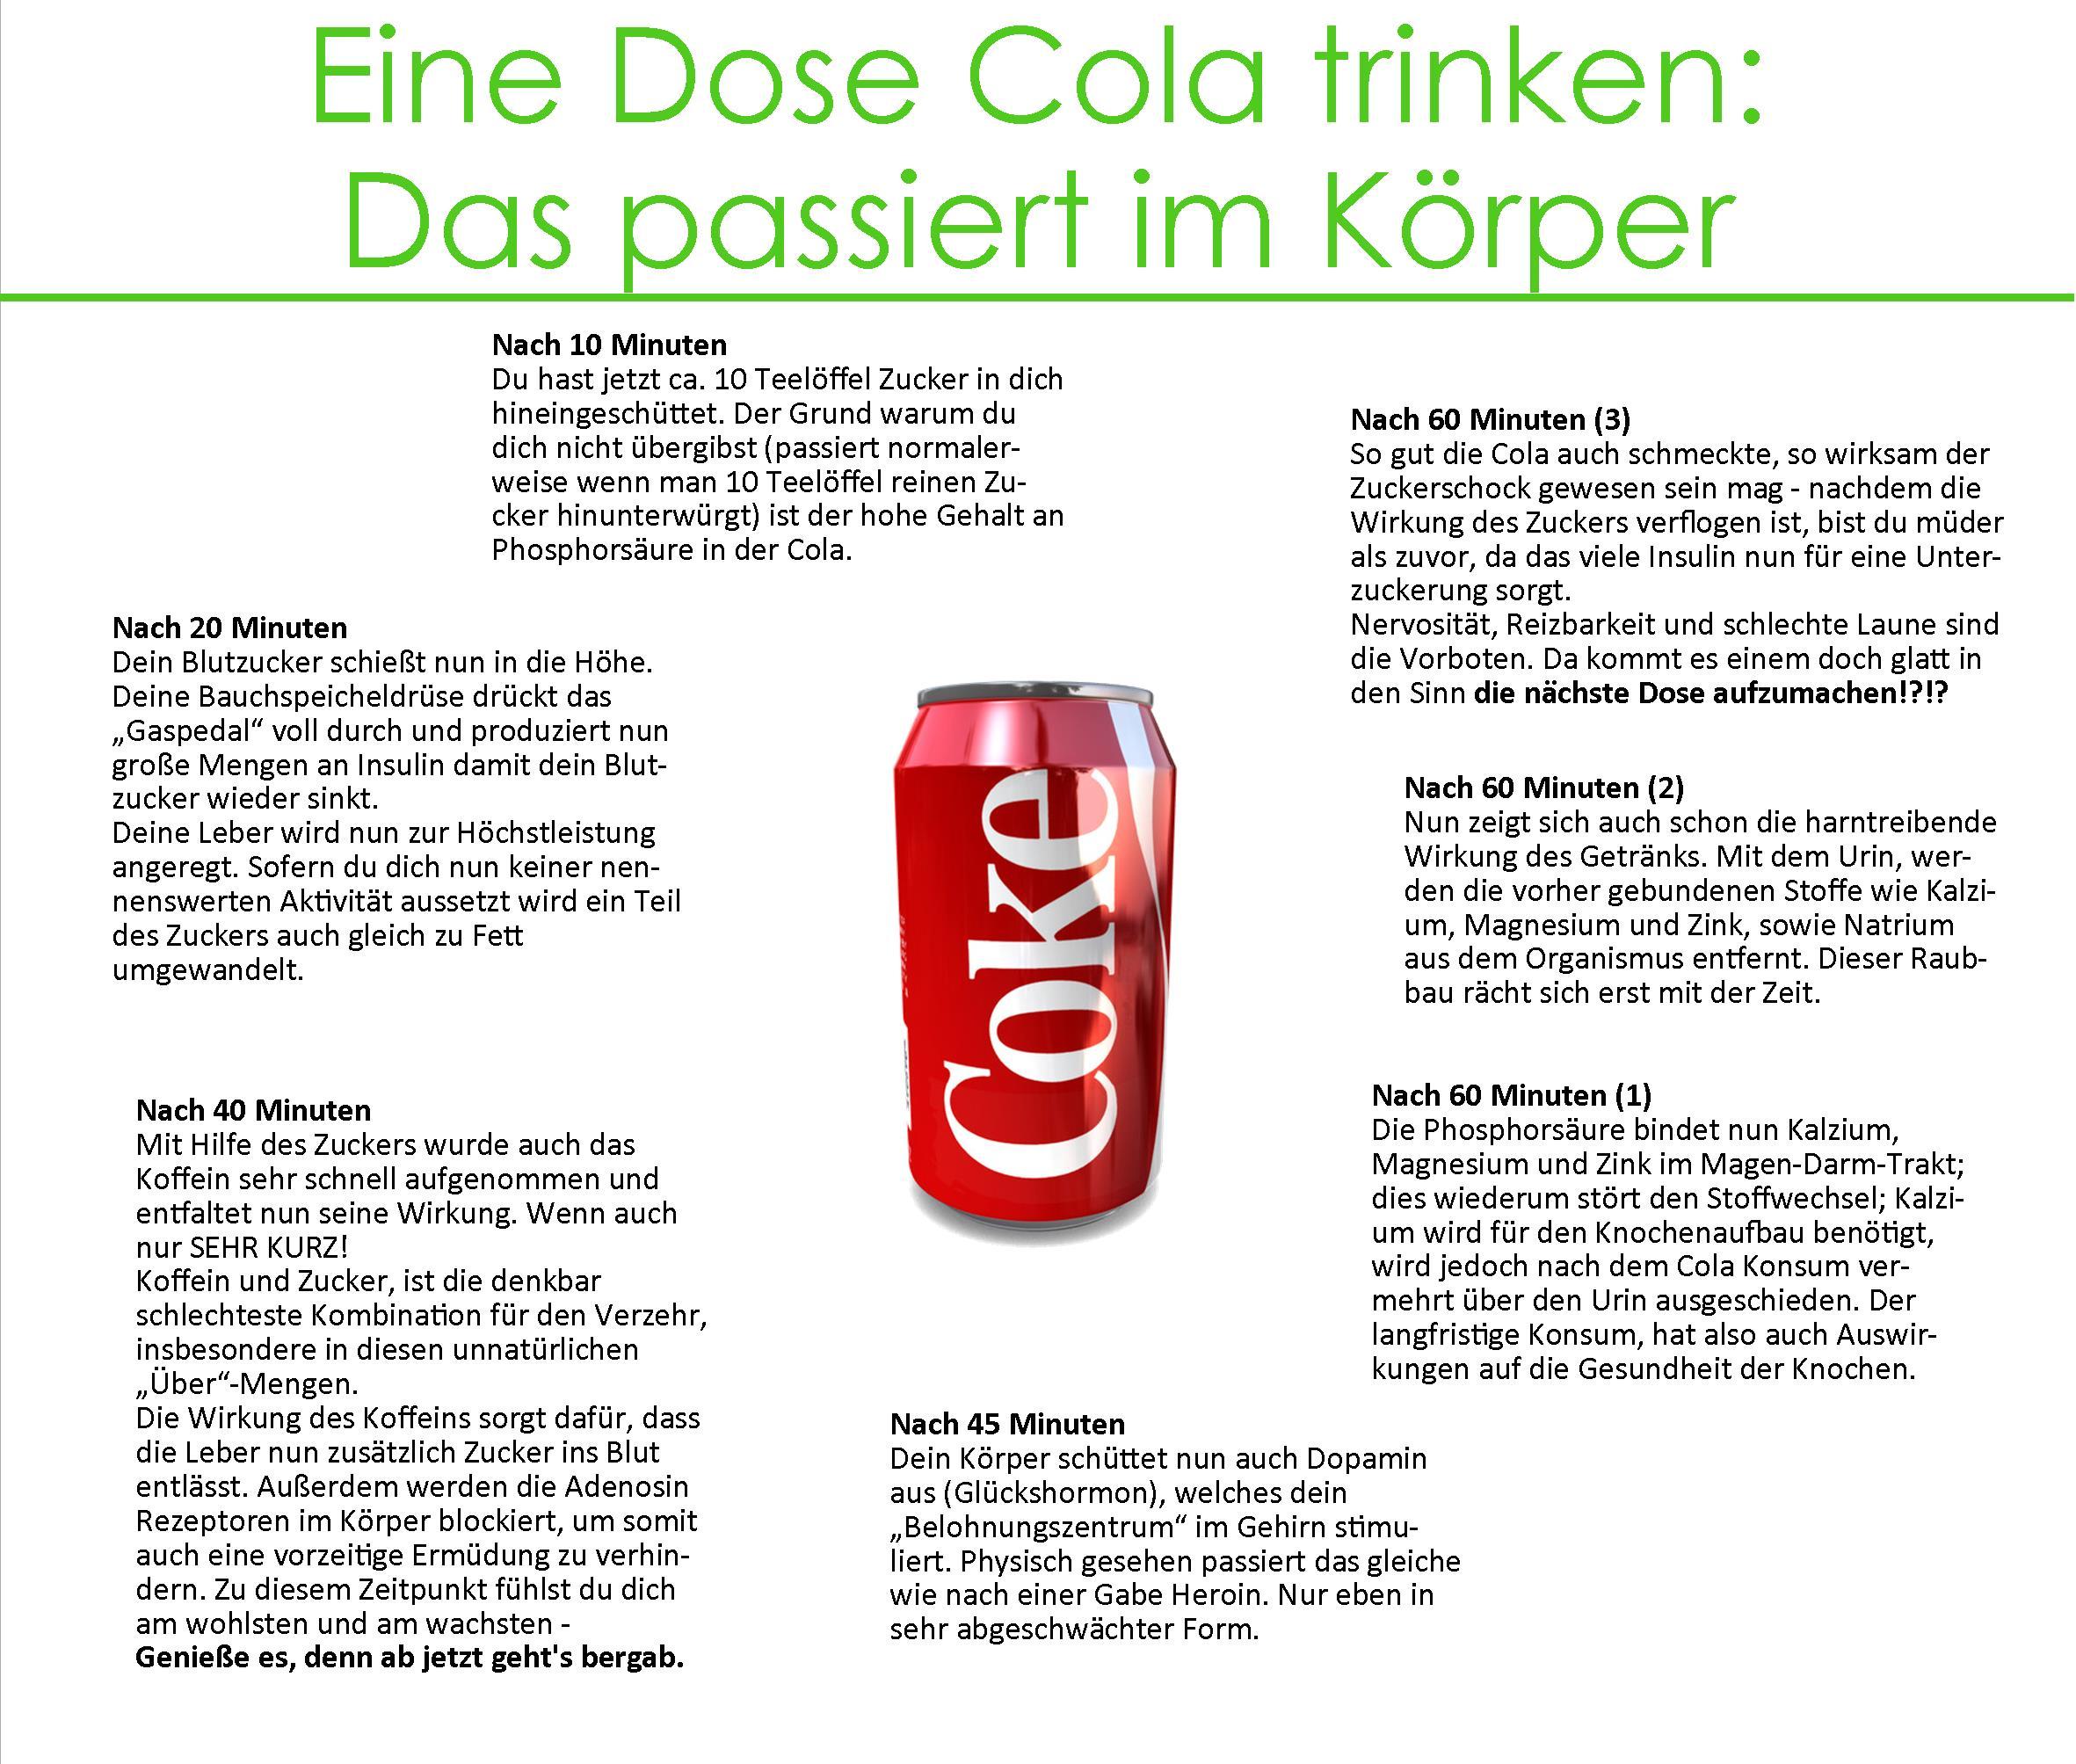 Eine Dose Cola – das passiert im Körper